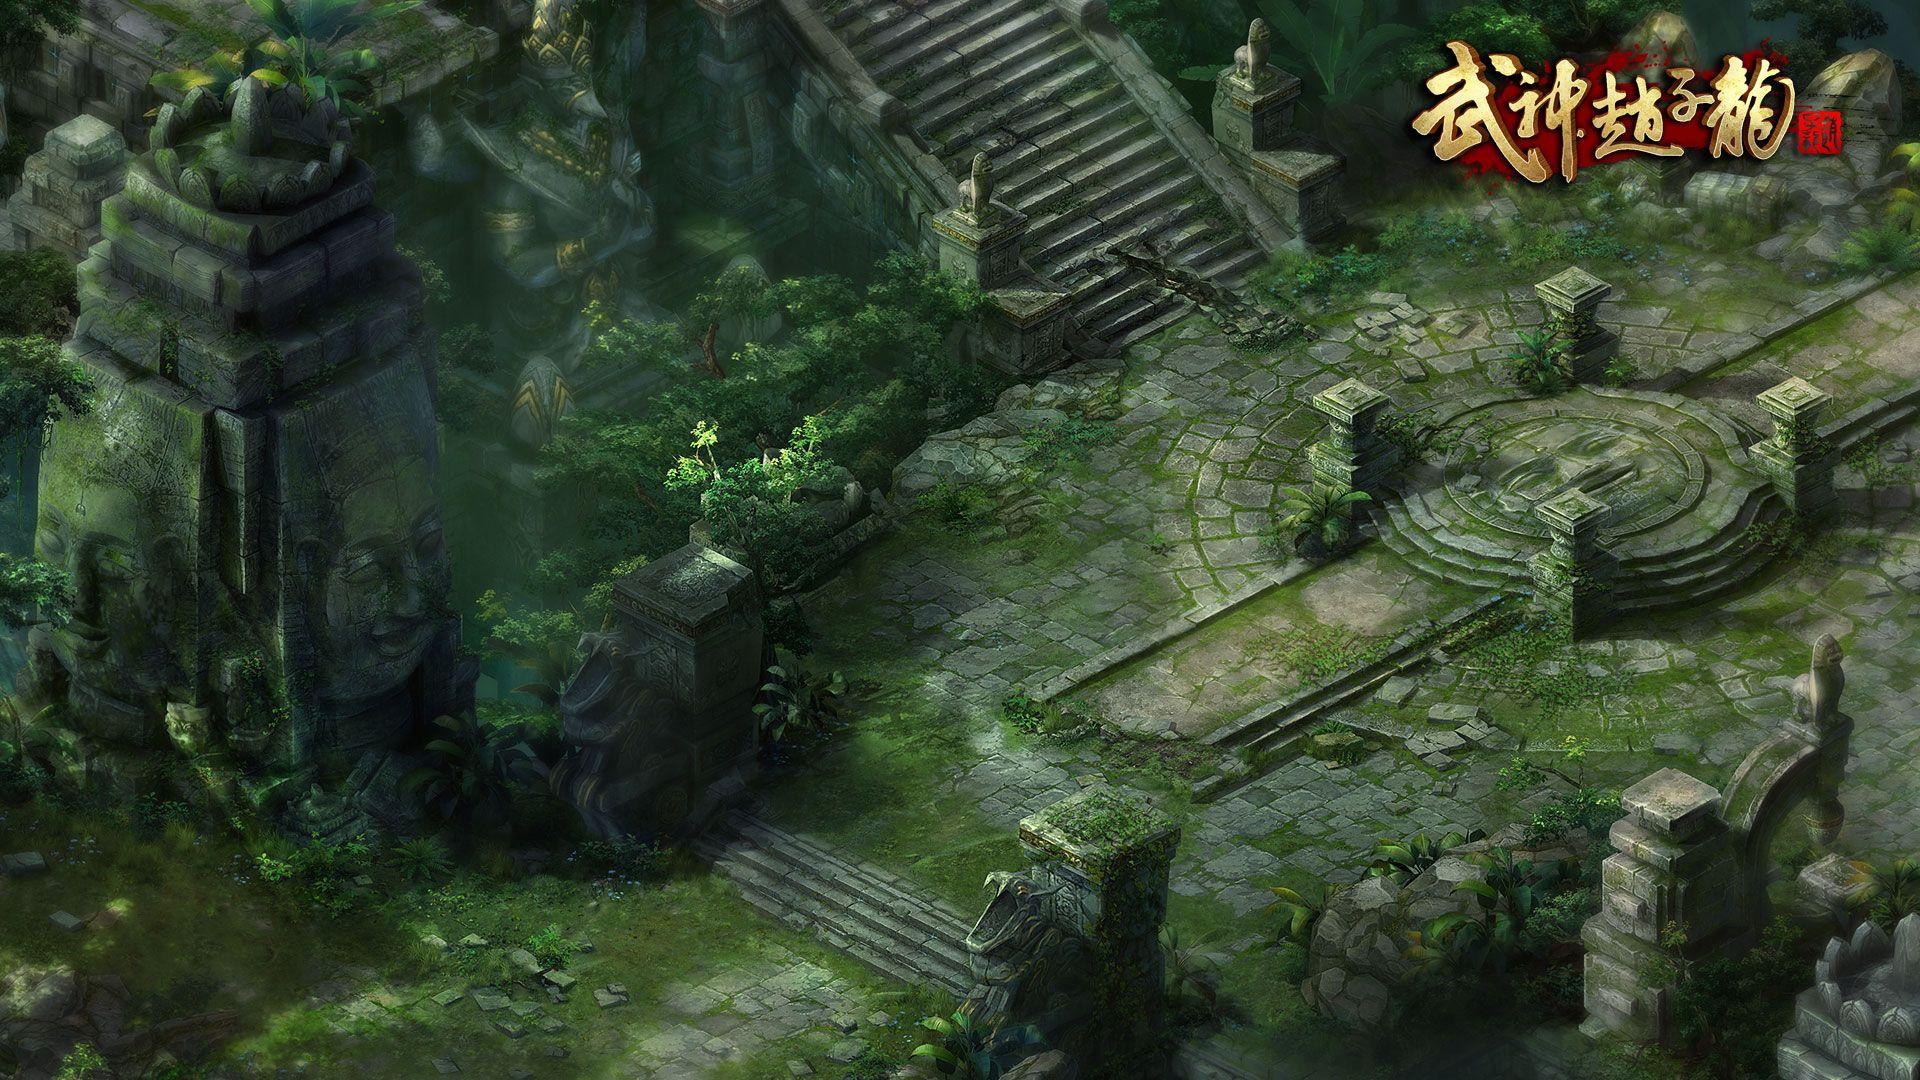 《武神赵子龙》游戏场景原画